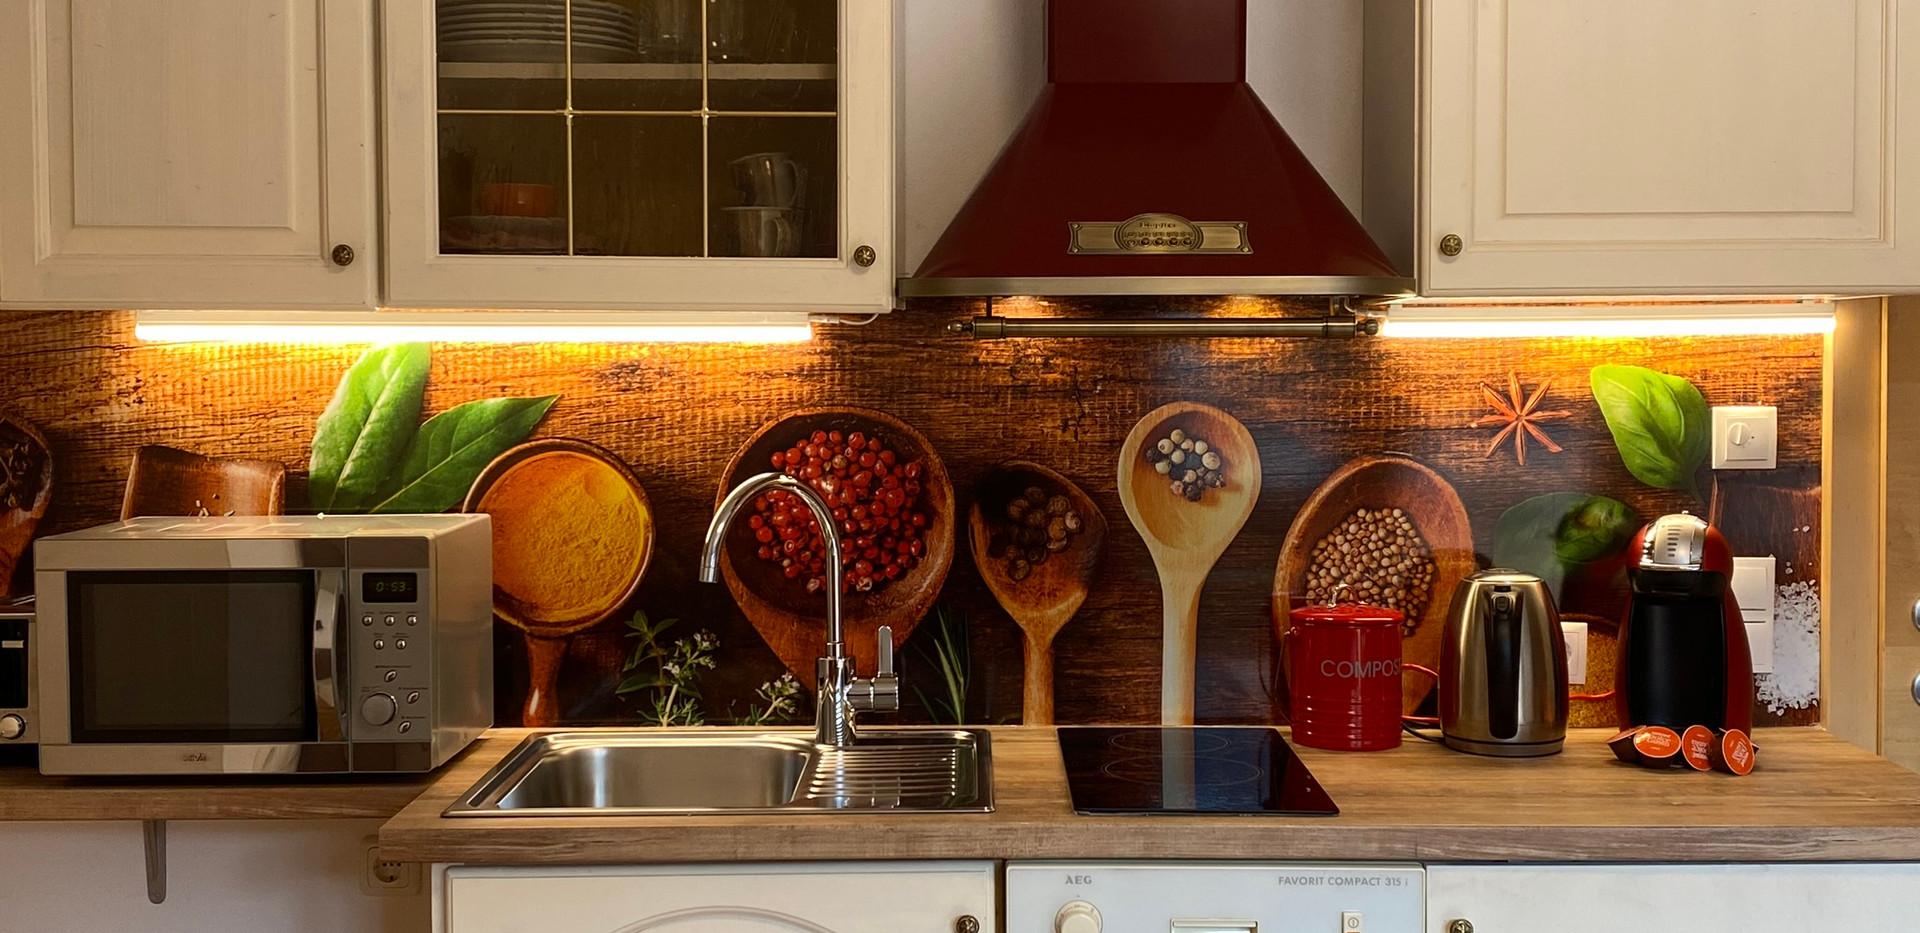 Sefferl's Küchenzeile